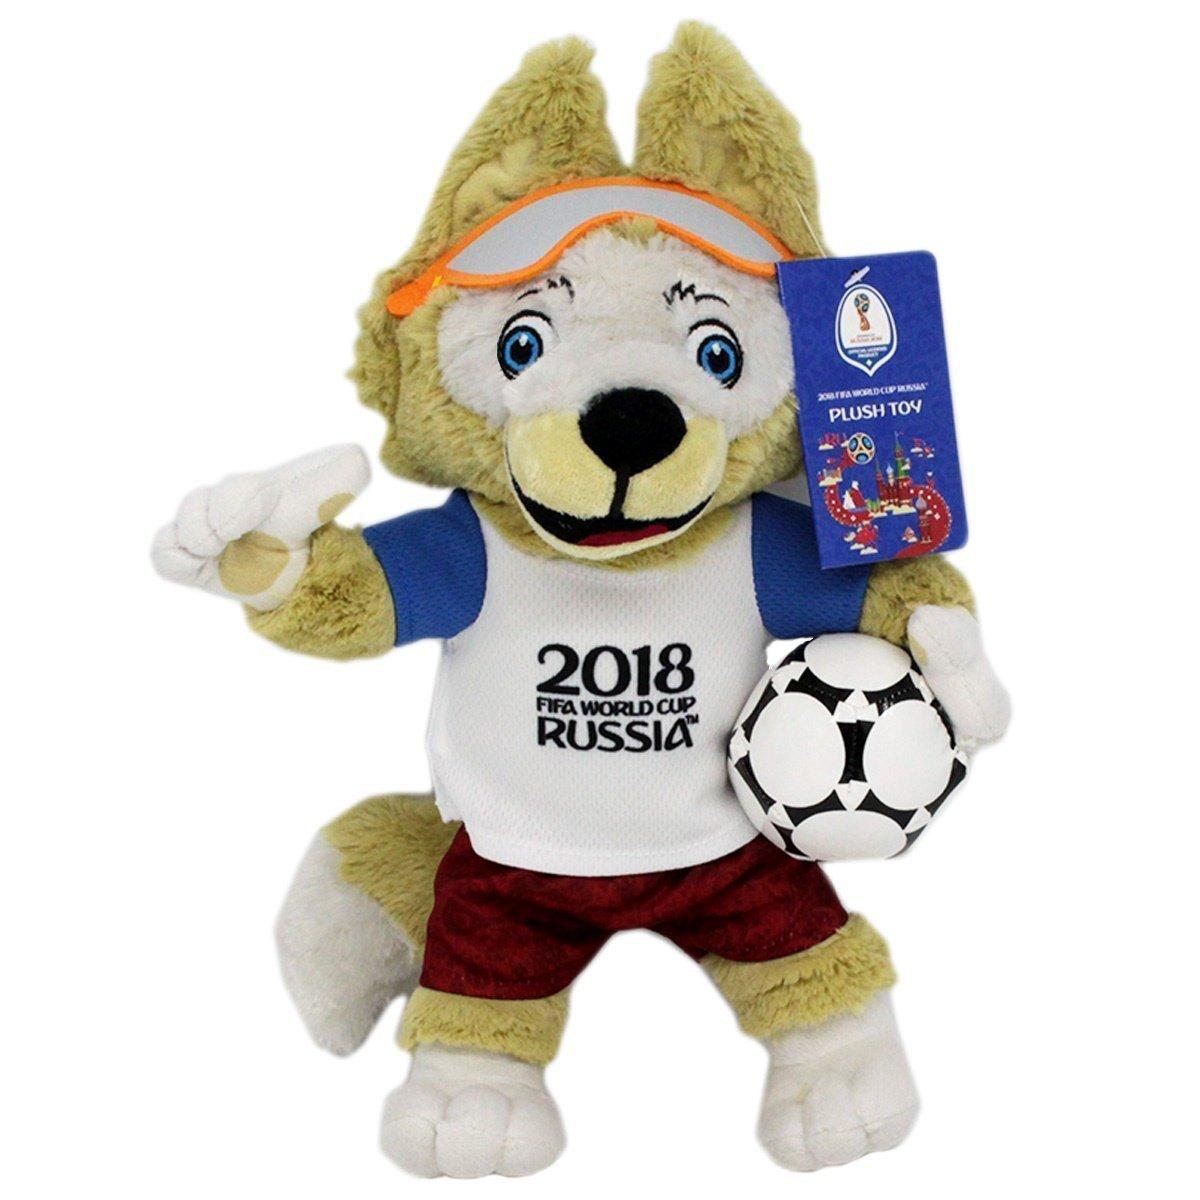 FIFA 2018 Russia - Mascotte official Zabivaka - 35 cm Plush ...